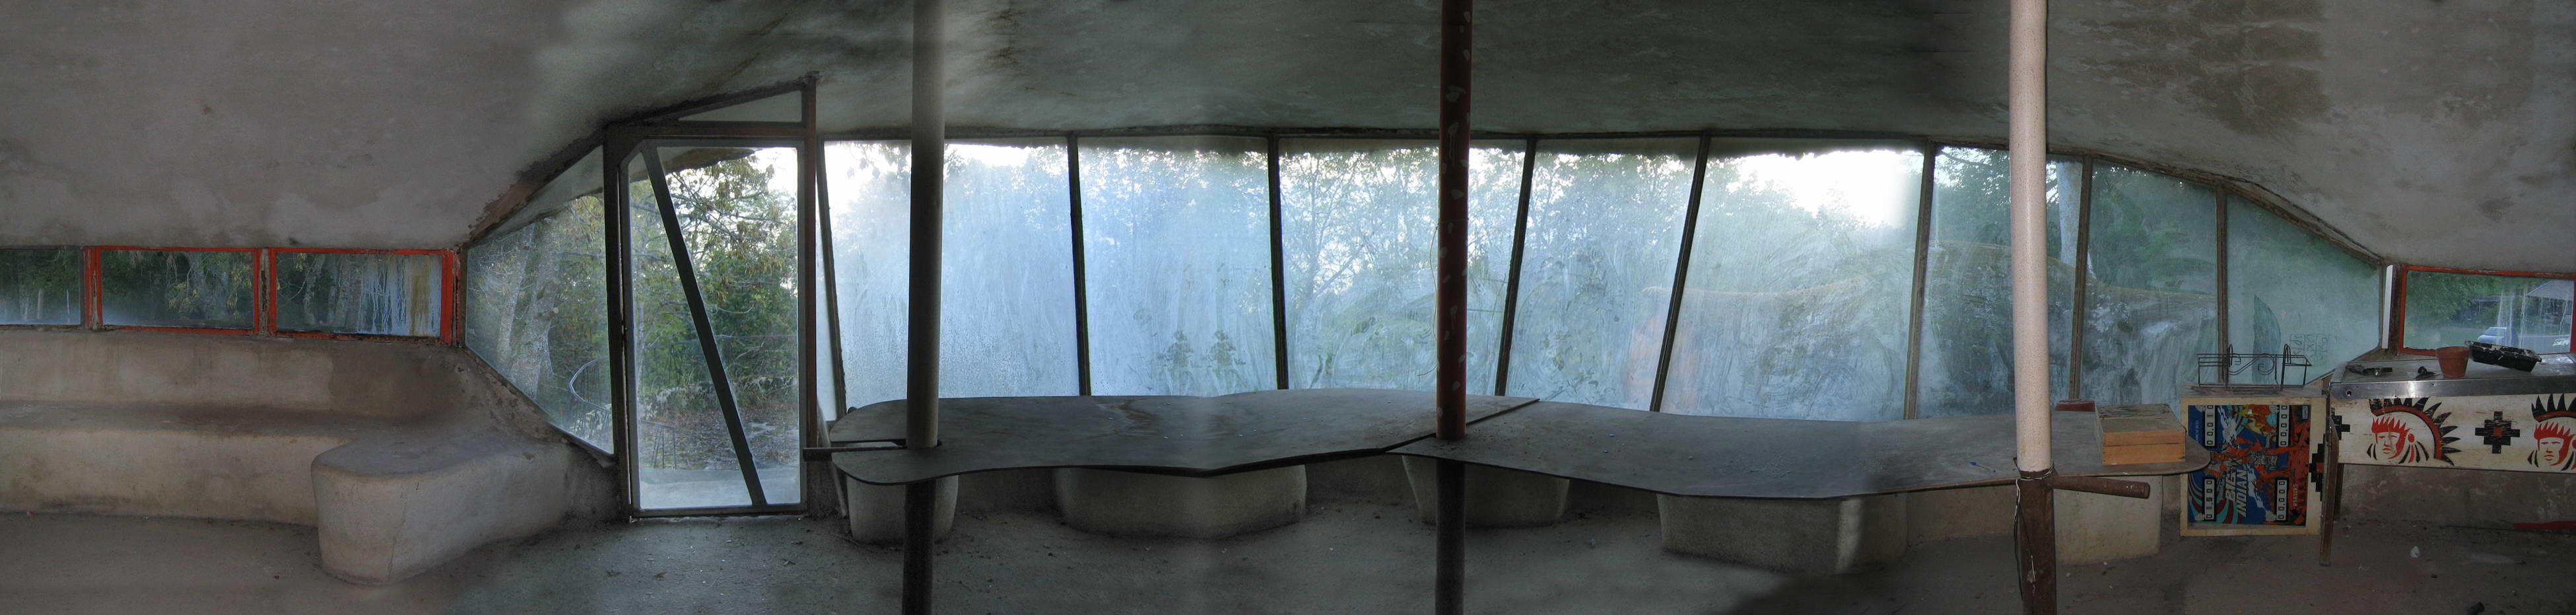 Interieur-360_2_2